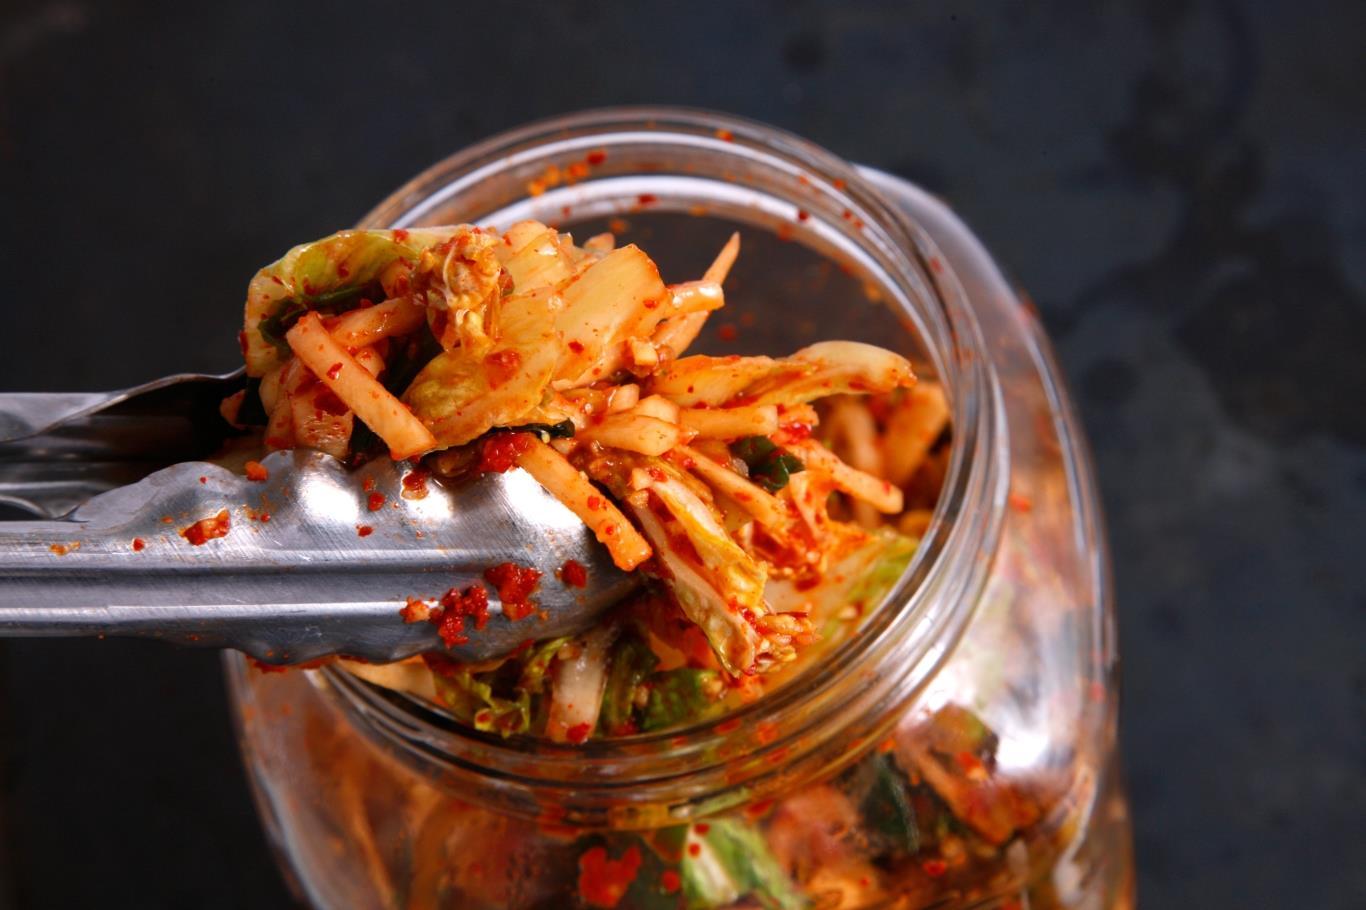 Món ăn truyền thống này có lịch sử lâu đời, mỗi mùa lại có một loại kim chi khác nhau. Rau củ được ngâm ớt, nước muối, dừng, tỏi và để lên men. Ước tính Hàn Quốc có 187 loại kim chi.